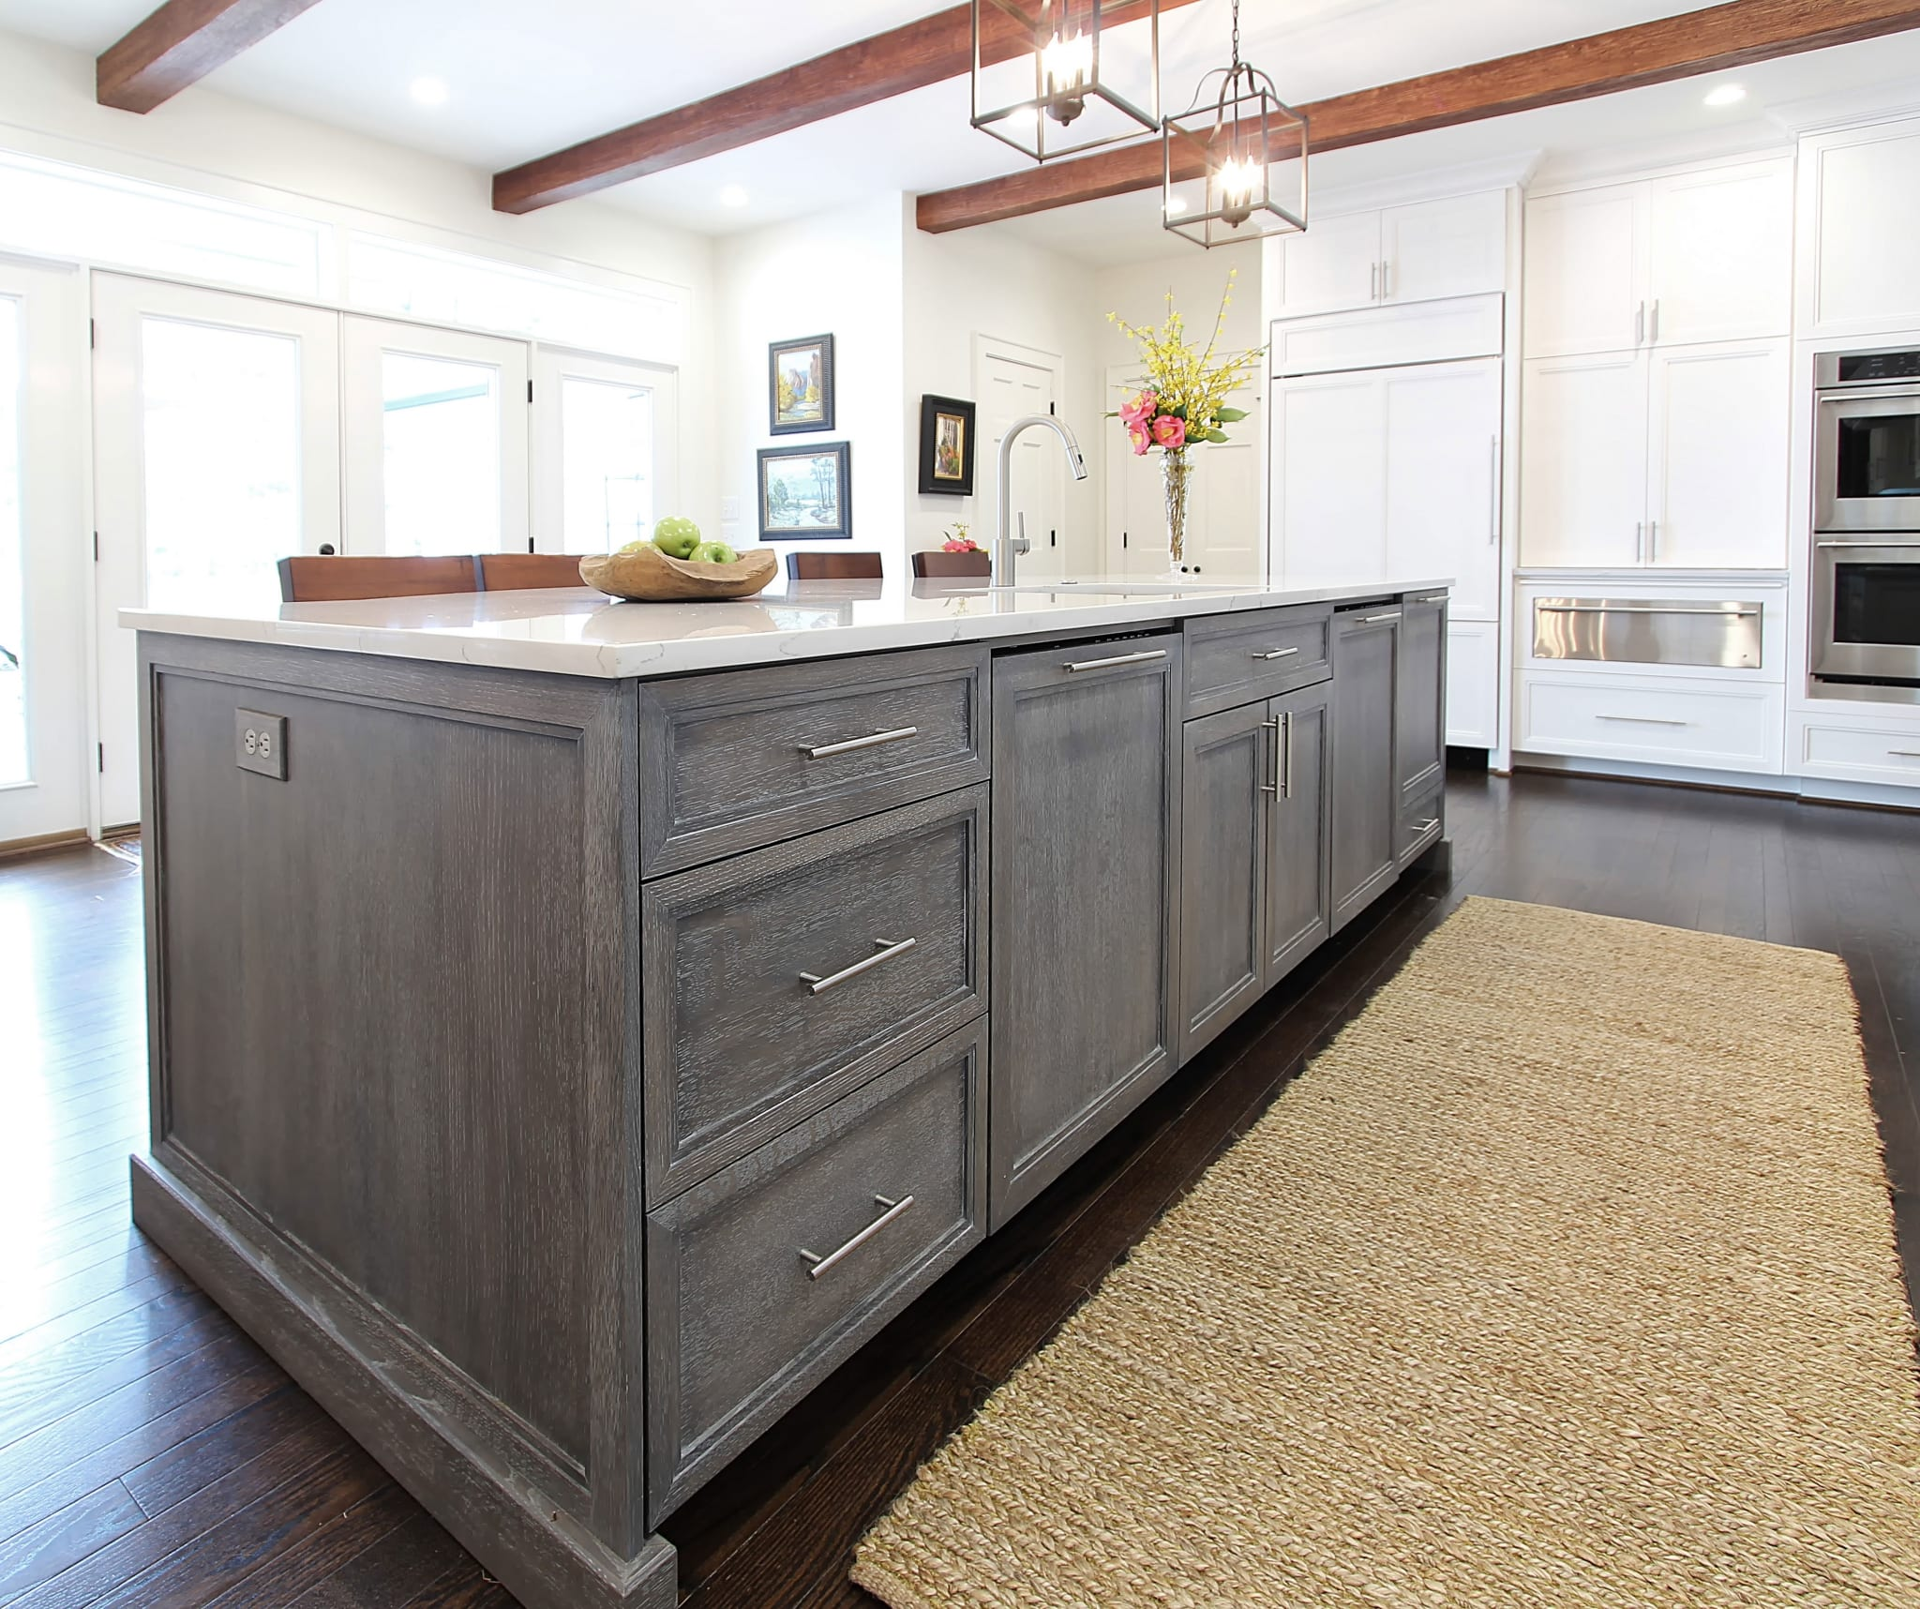 White Oak Kitchen: Two-dishwashers-Cerused-white-oak-White-custom-kitchen